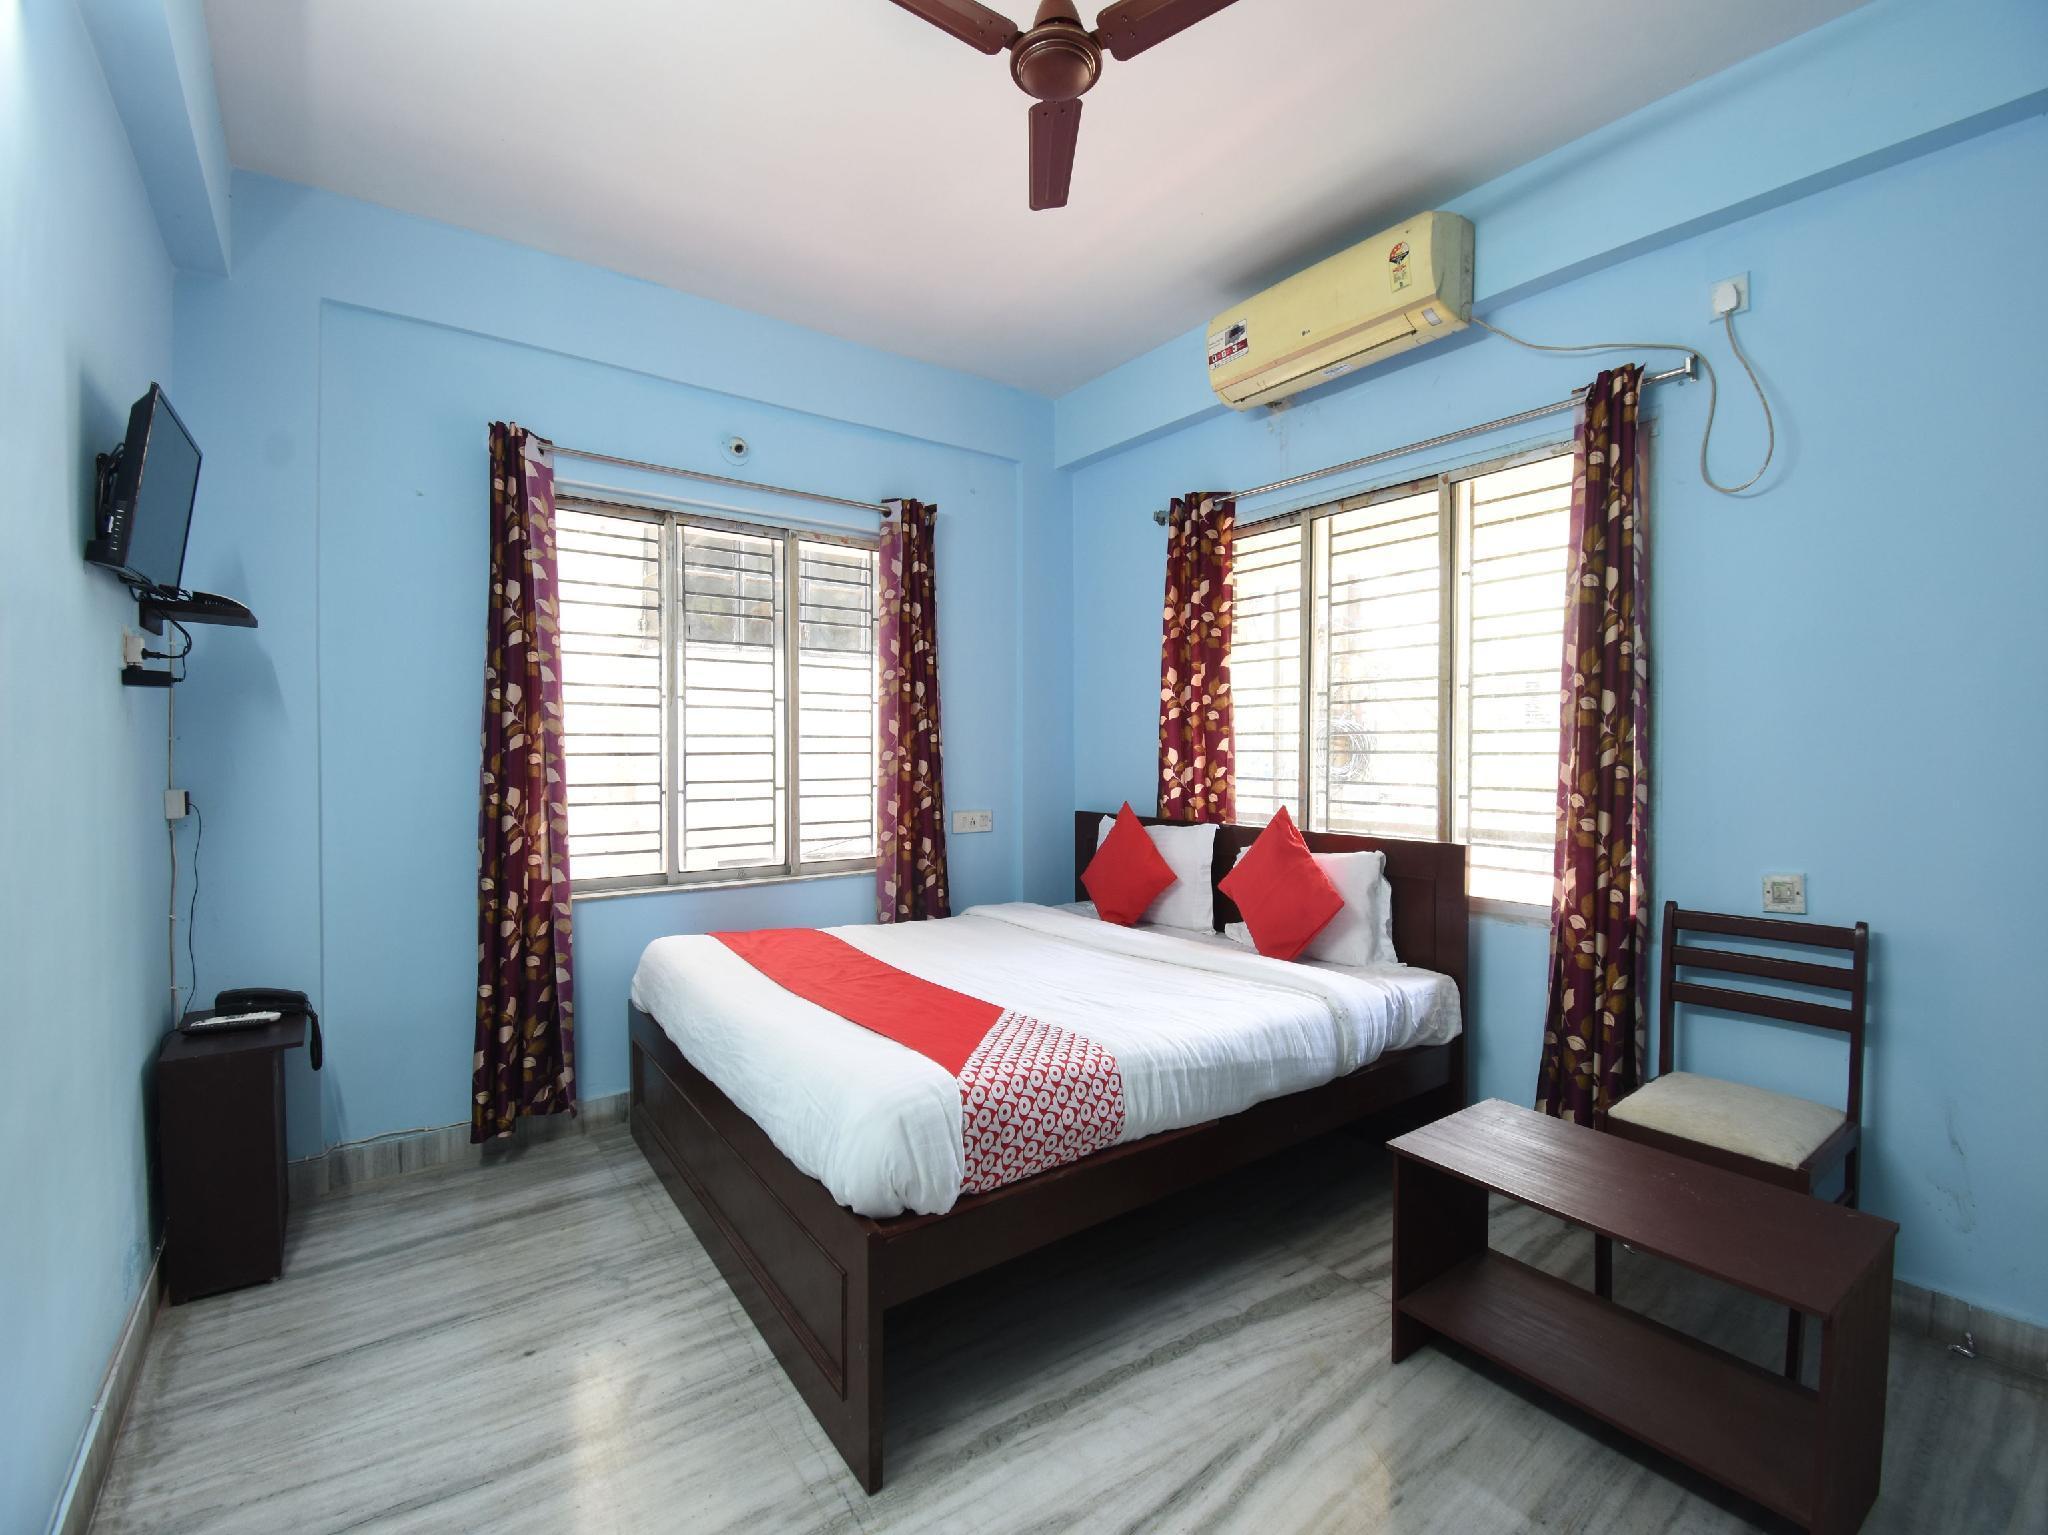 OYO 45996 Shree Shyam Guest House